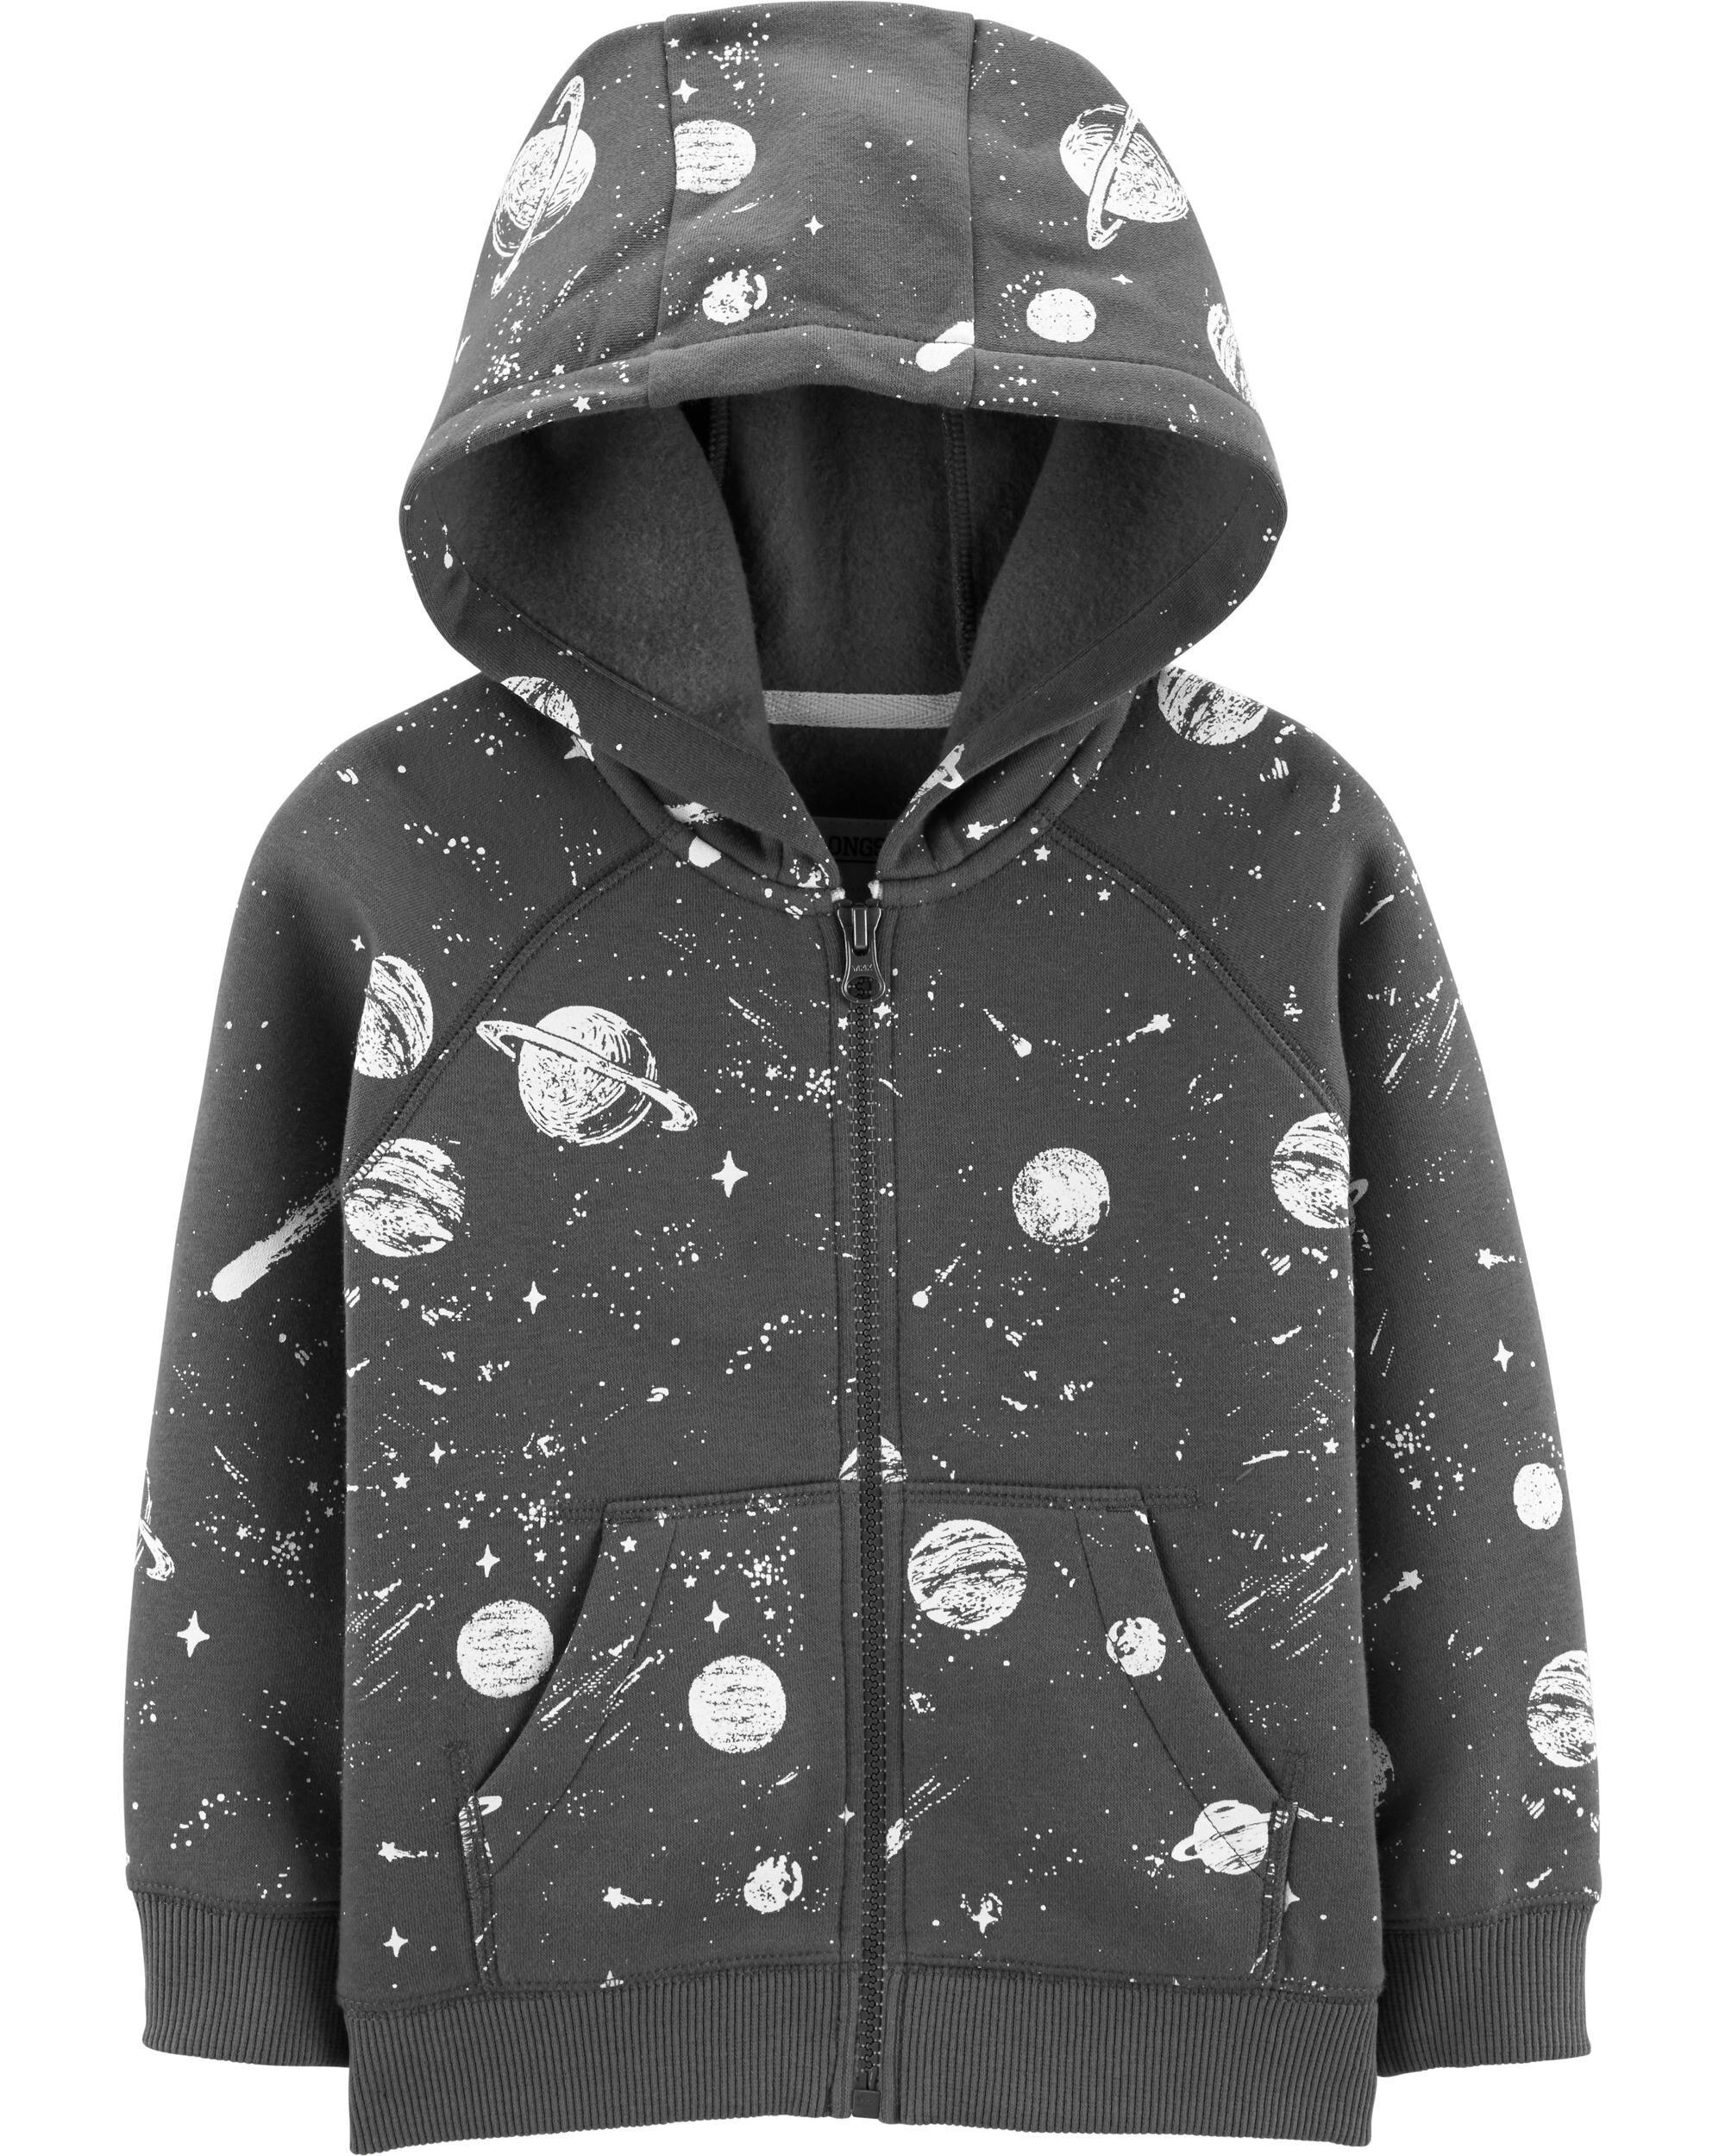 Alien Head Funny Babies Infants Hoodie Hoody Sweaters Baby & Toddler Clothing